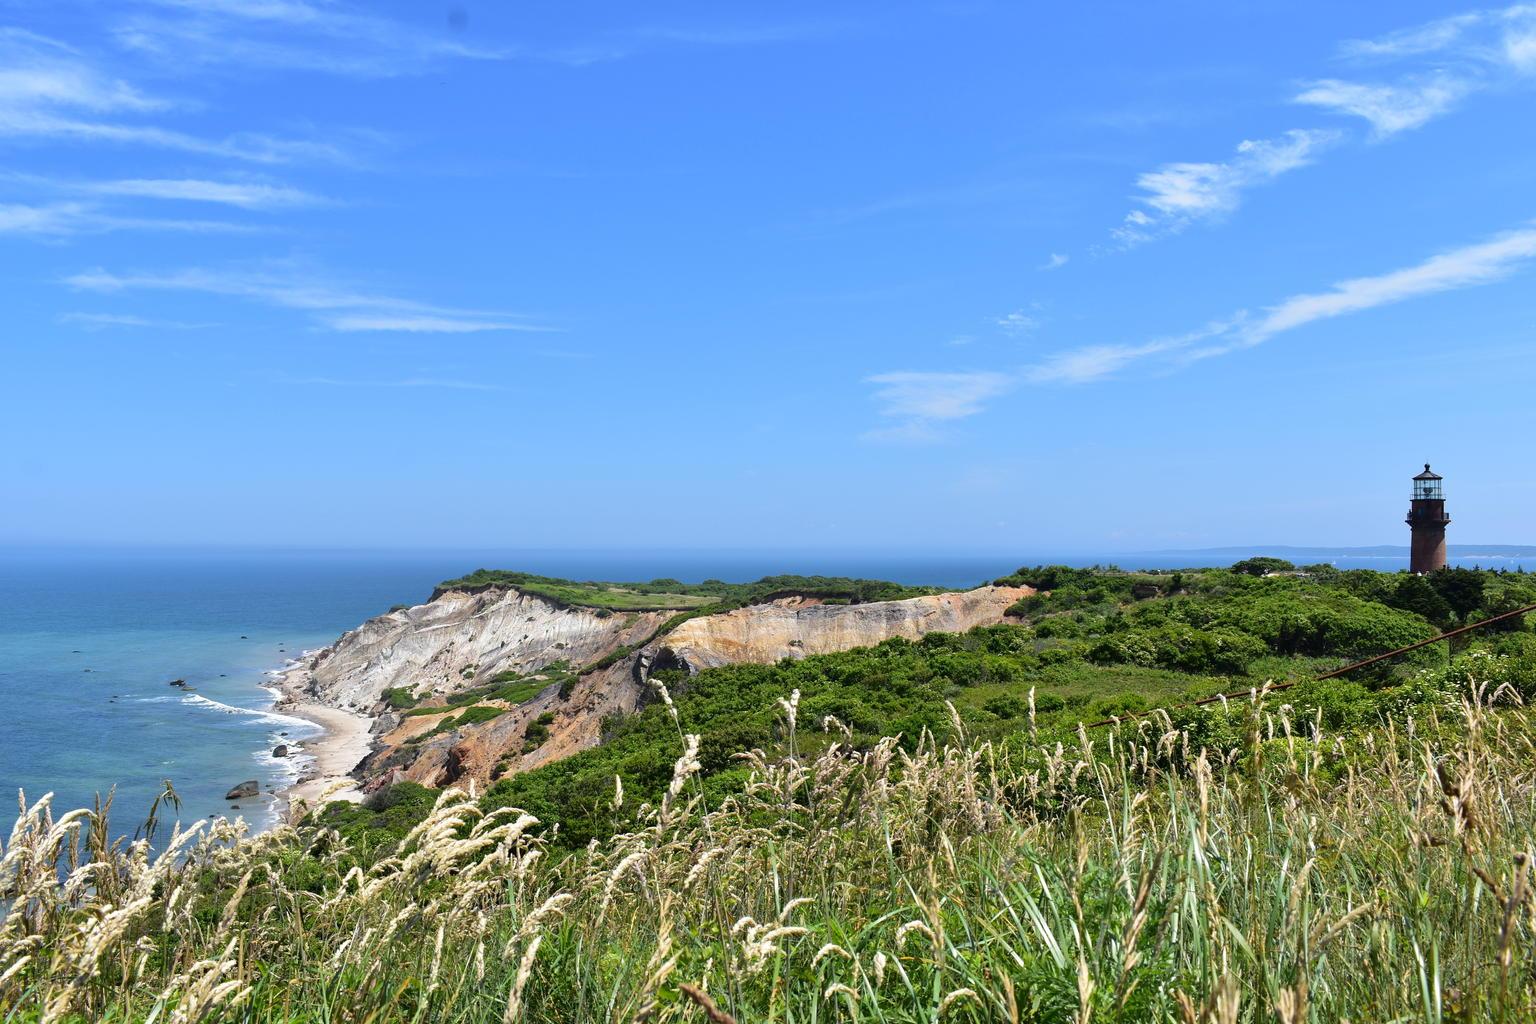 MÁS FOTOS, Excursión de un día a Martha's Vineyard con recorrido opcional por la isla